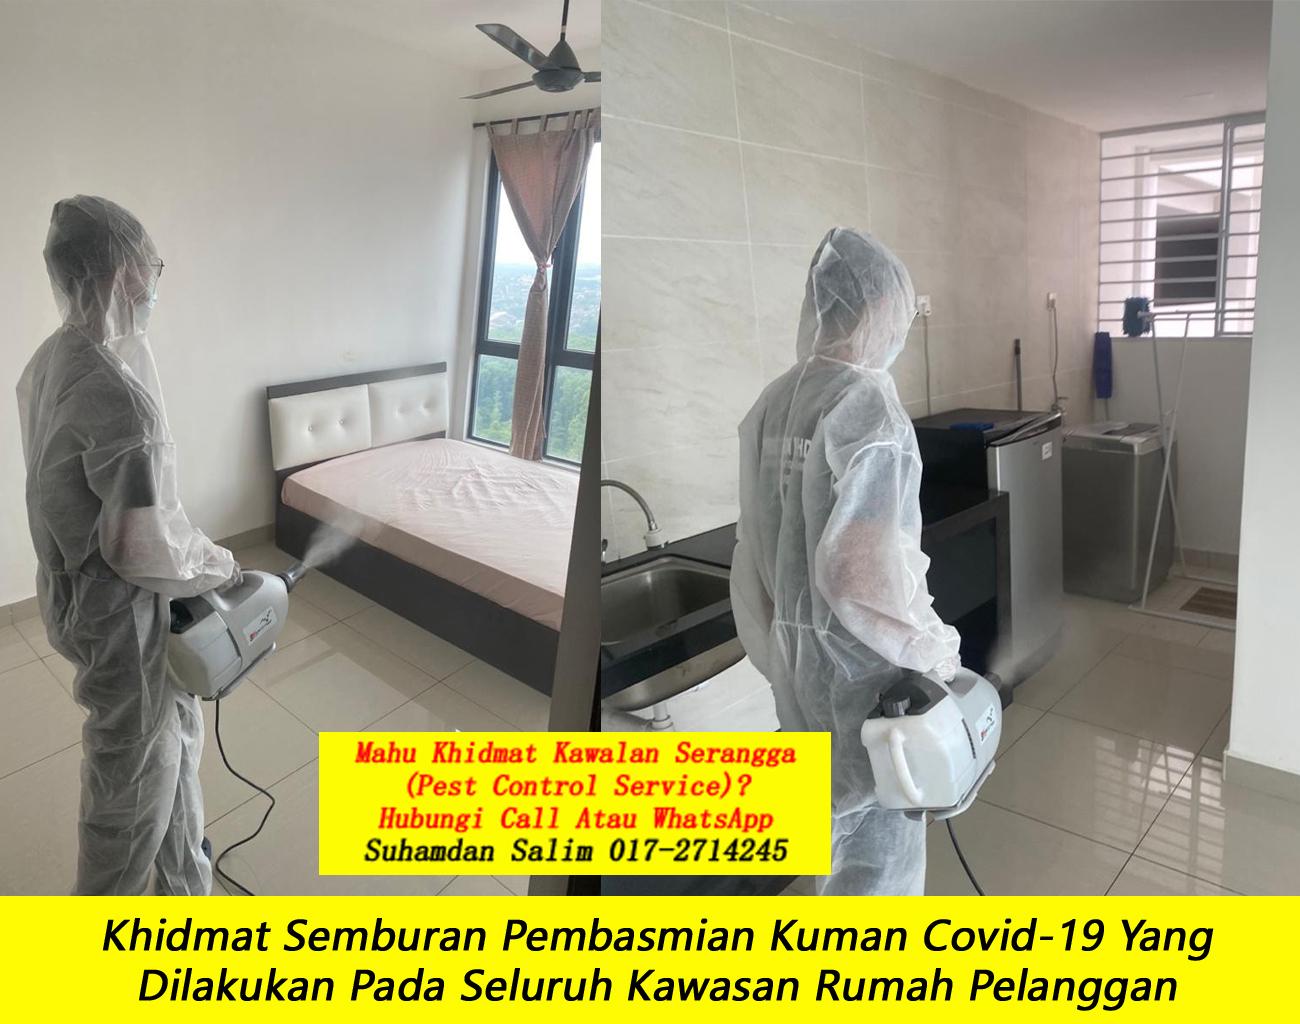 khidmat sanitizing membasmi kuman Covid-19 Disinfection Service semburan sanitize covid 19 paling berkesan dengan harga berpatutan the best service covid-19 linggi negeri sembilan felda